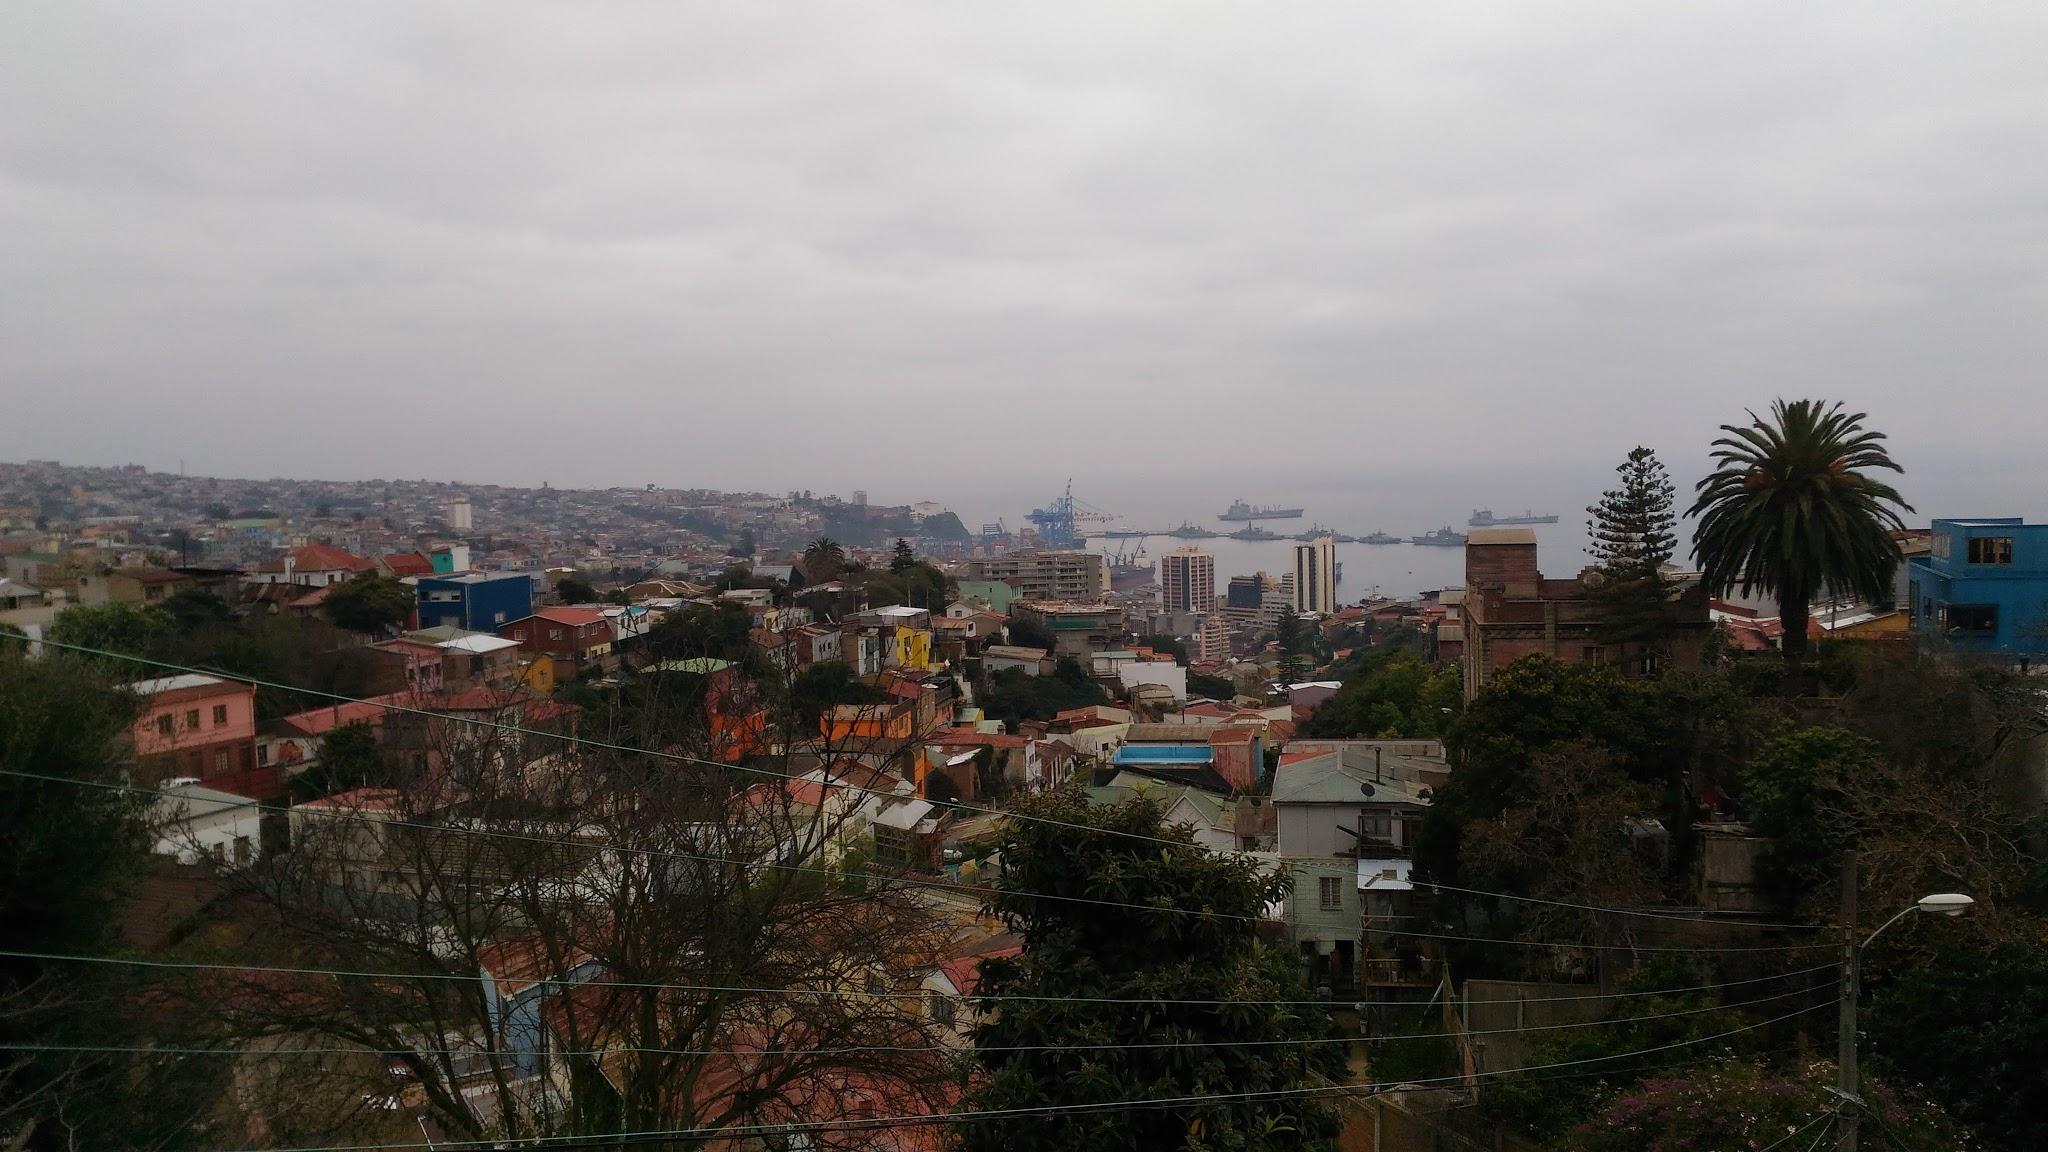 Vistaa de Valparaíso ascensor